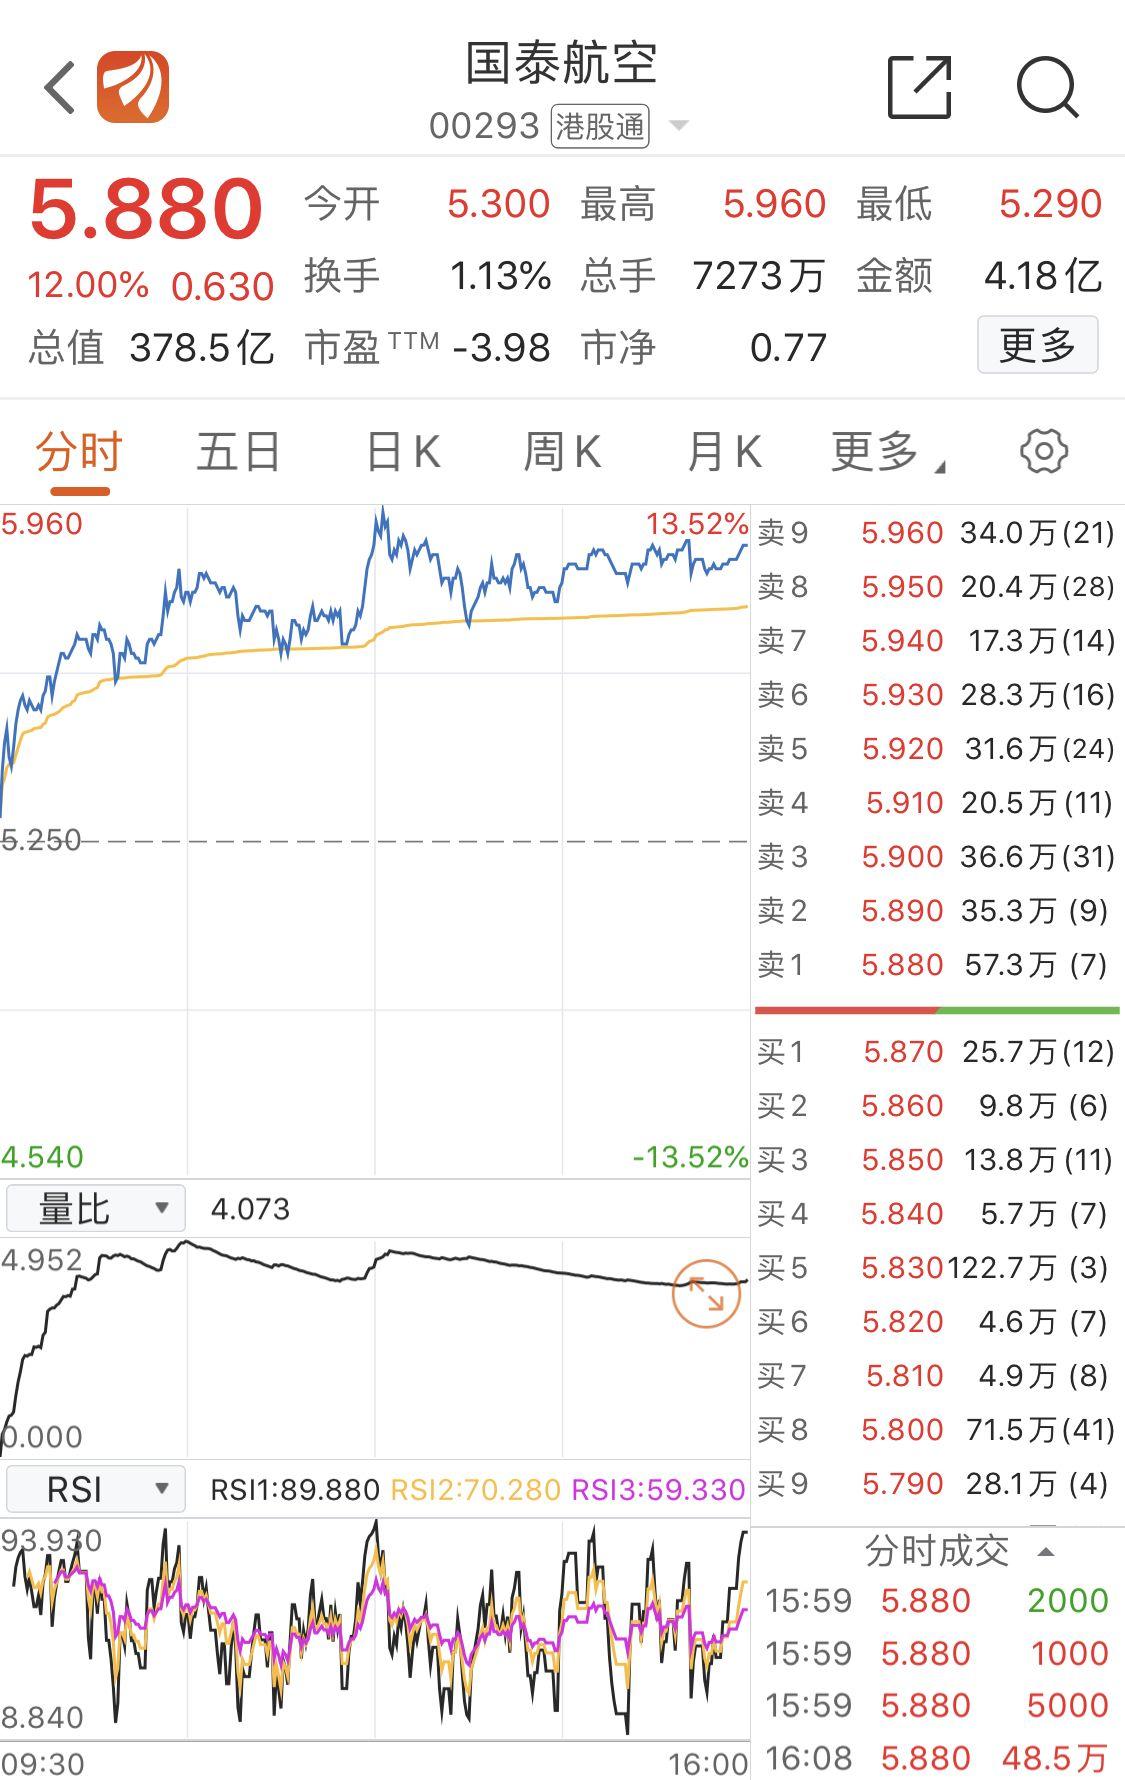 国泰航空上半年亏损98.65亿港元,股价反弹大涨12%